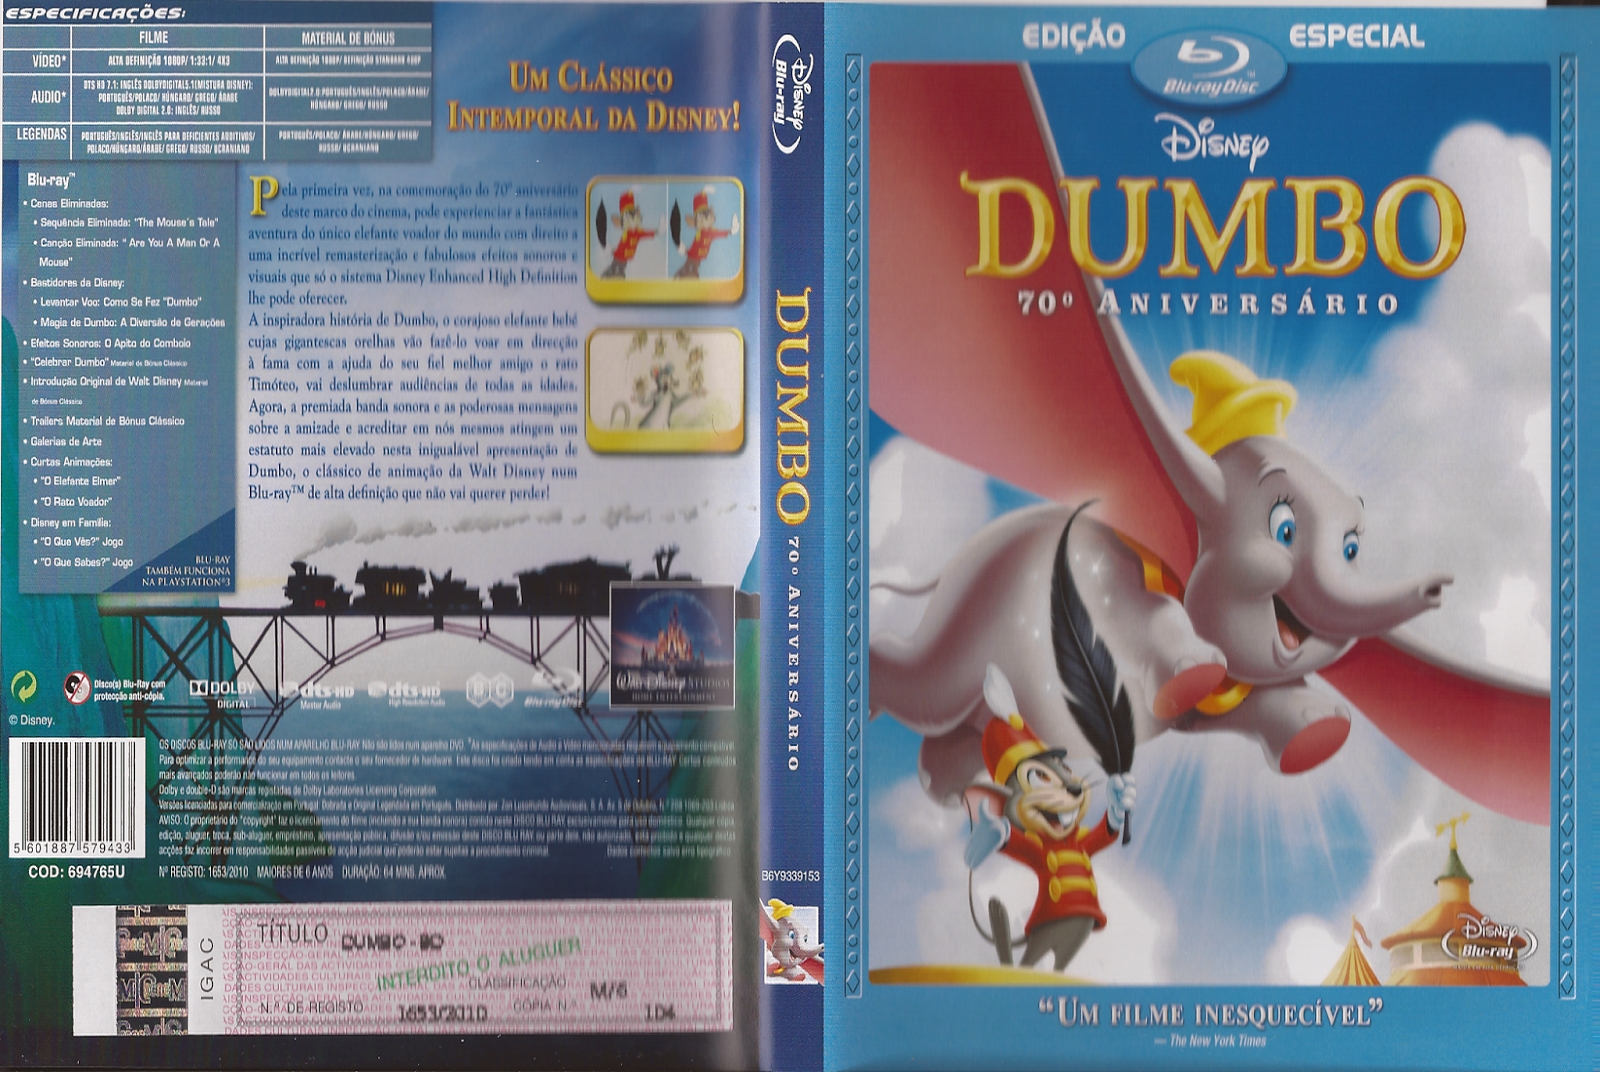 Dumbo 1941 BD50-COXINHA ~ coxinhafilmes